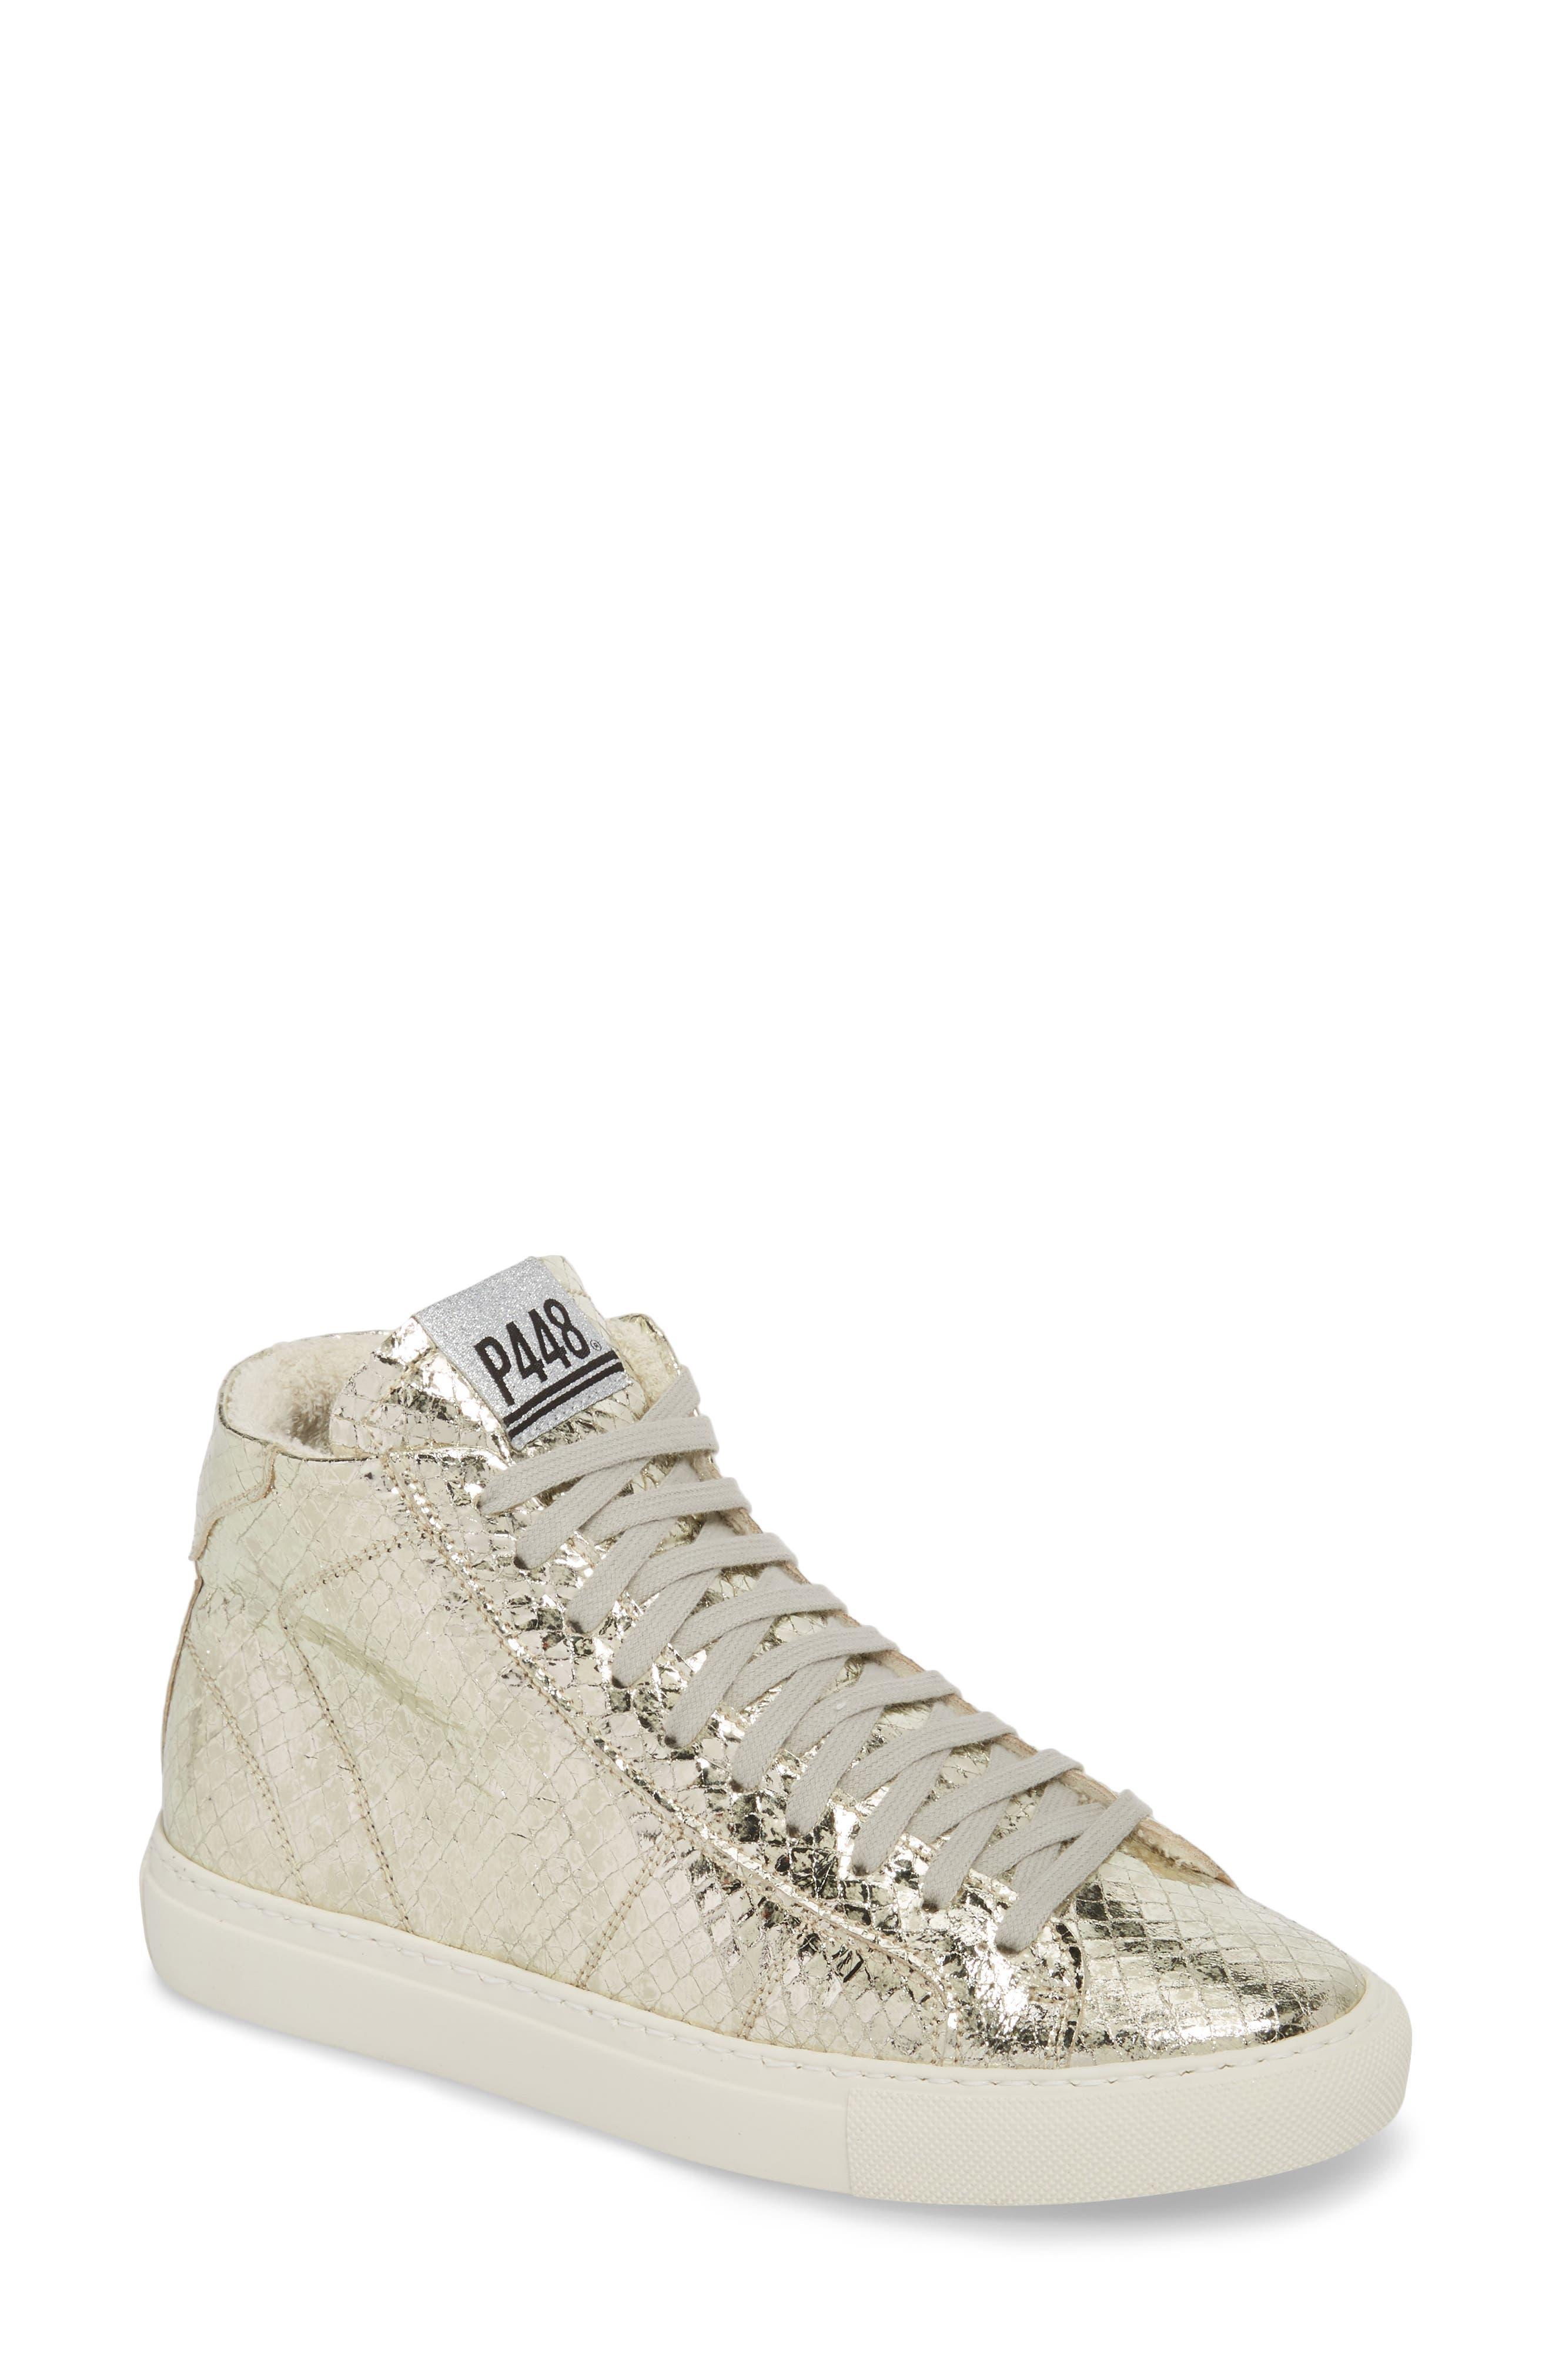 P448 Star 2.0 Sneaker (Women)